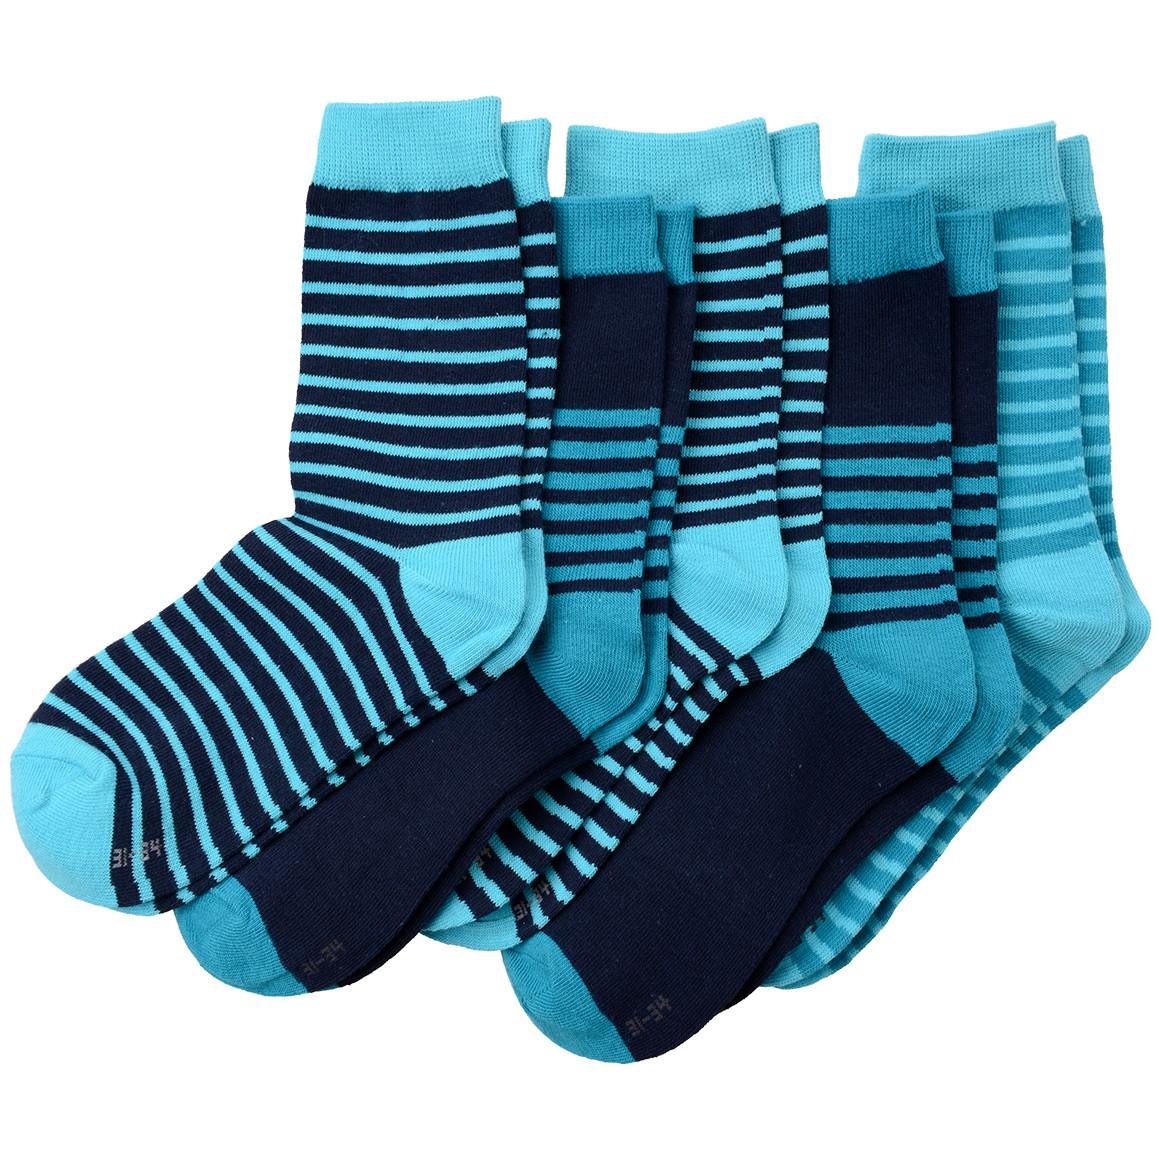 5 Paar Jungen Socken im gestreiften Design